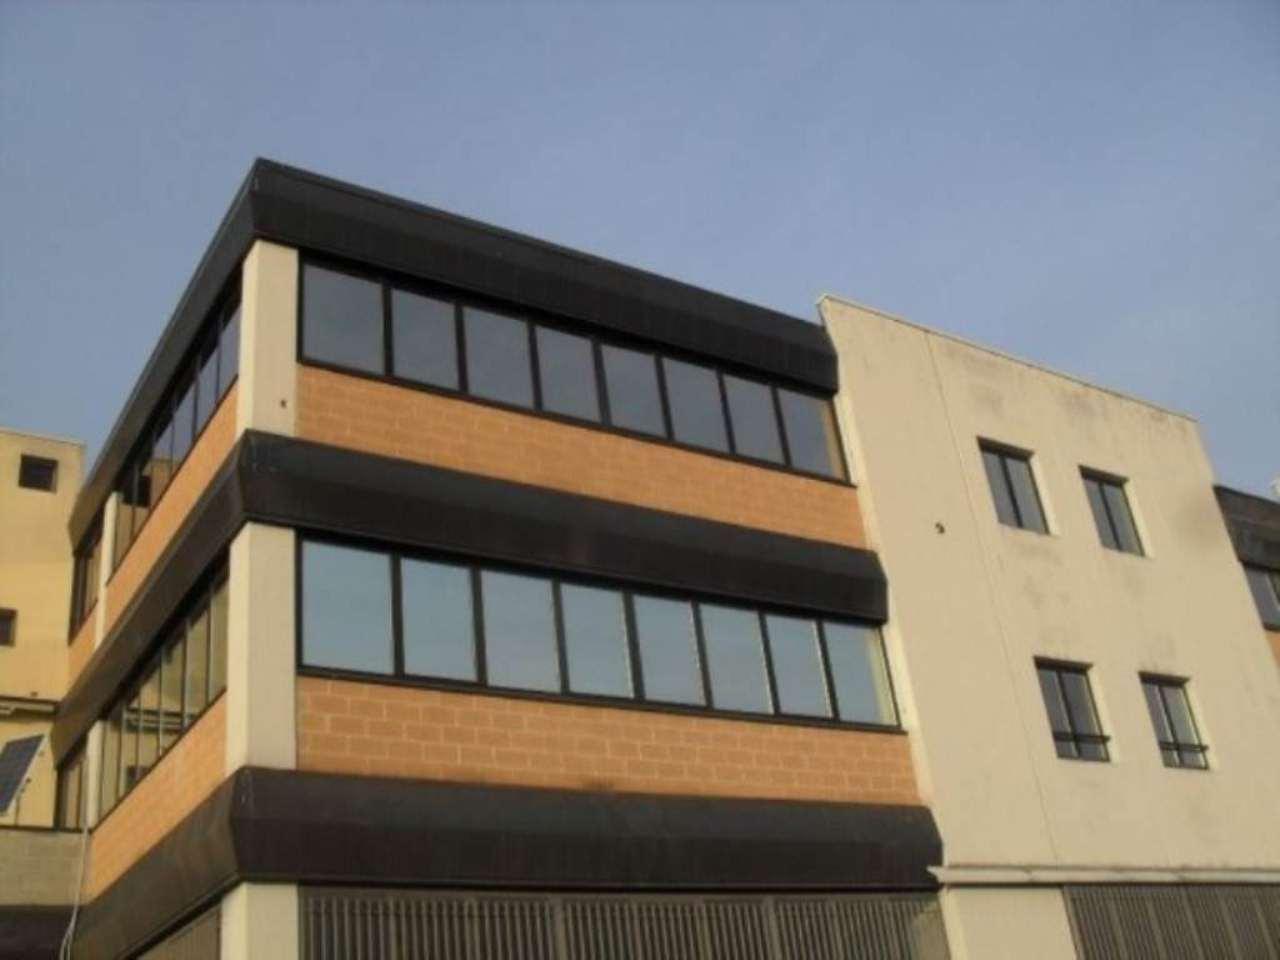 Ufficio / Studio in affitto a Muggiò, 6 locali, prezzo € 1.650 | Cambio Casa.it